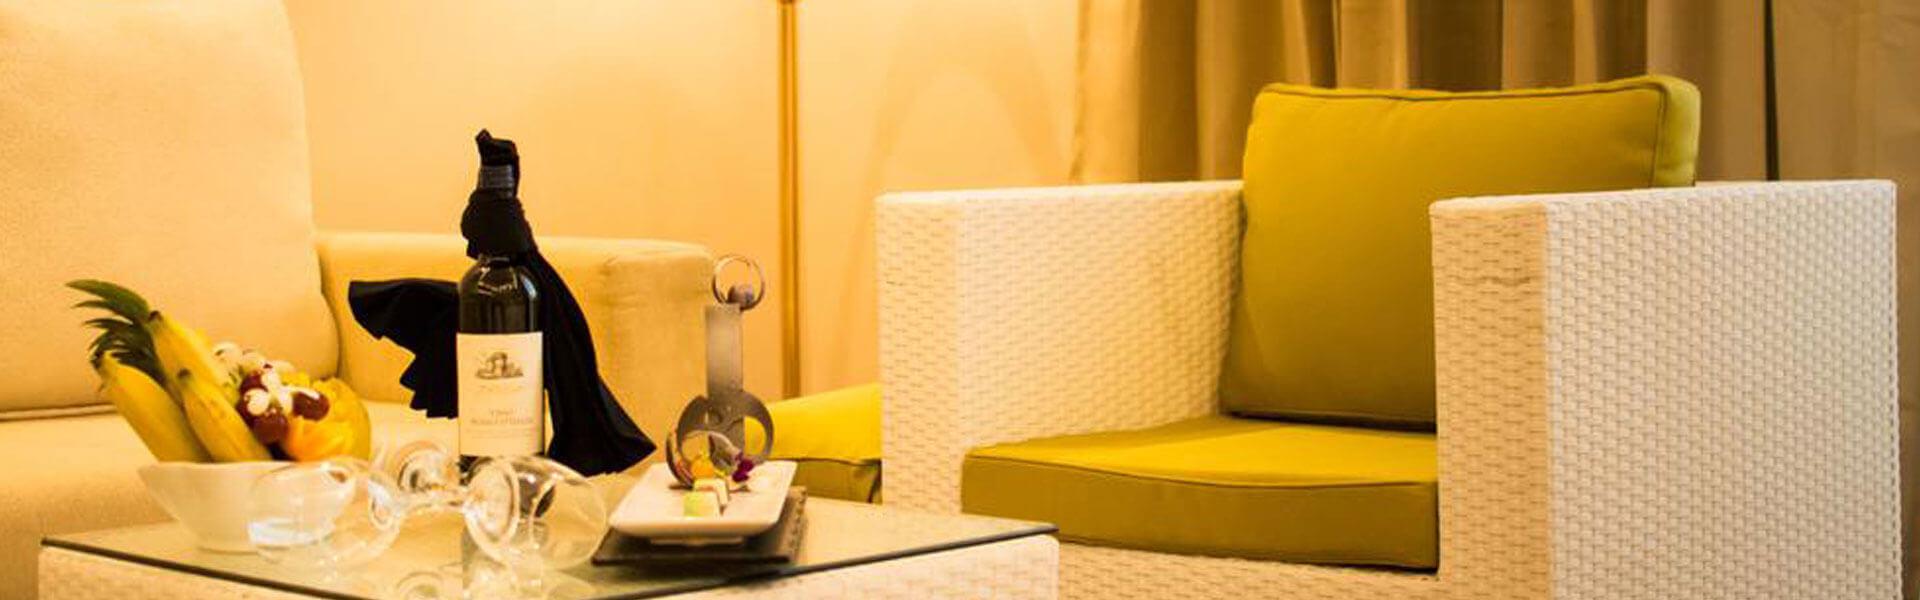 The Golden Crown Hotel - Junior Suite